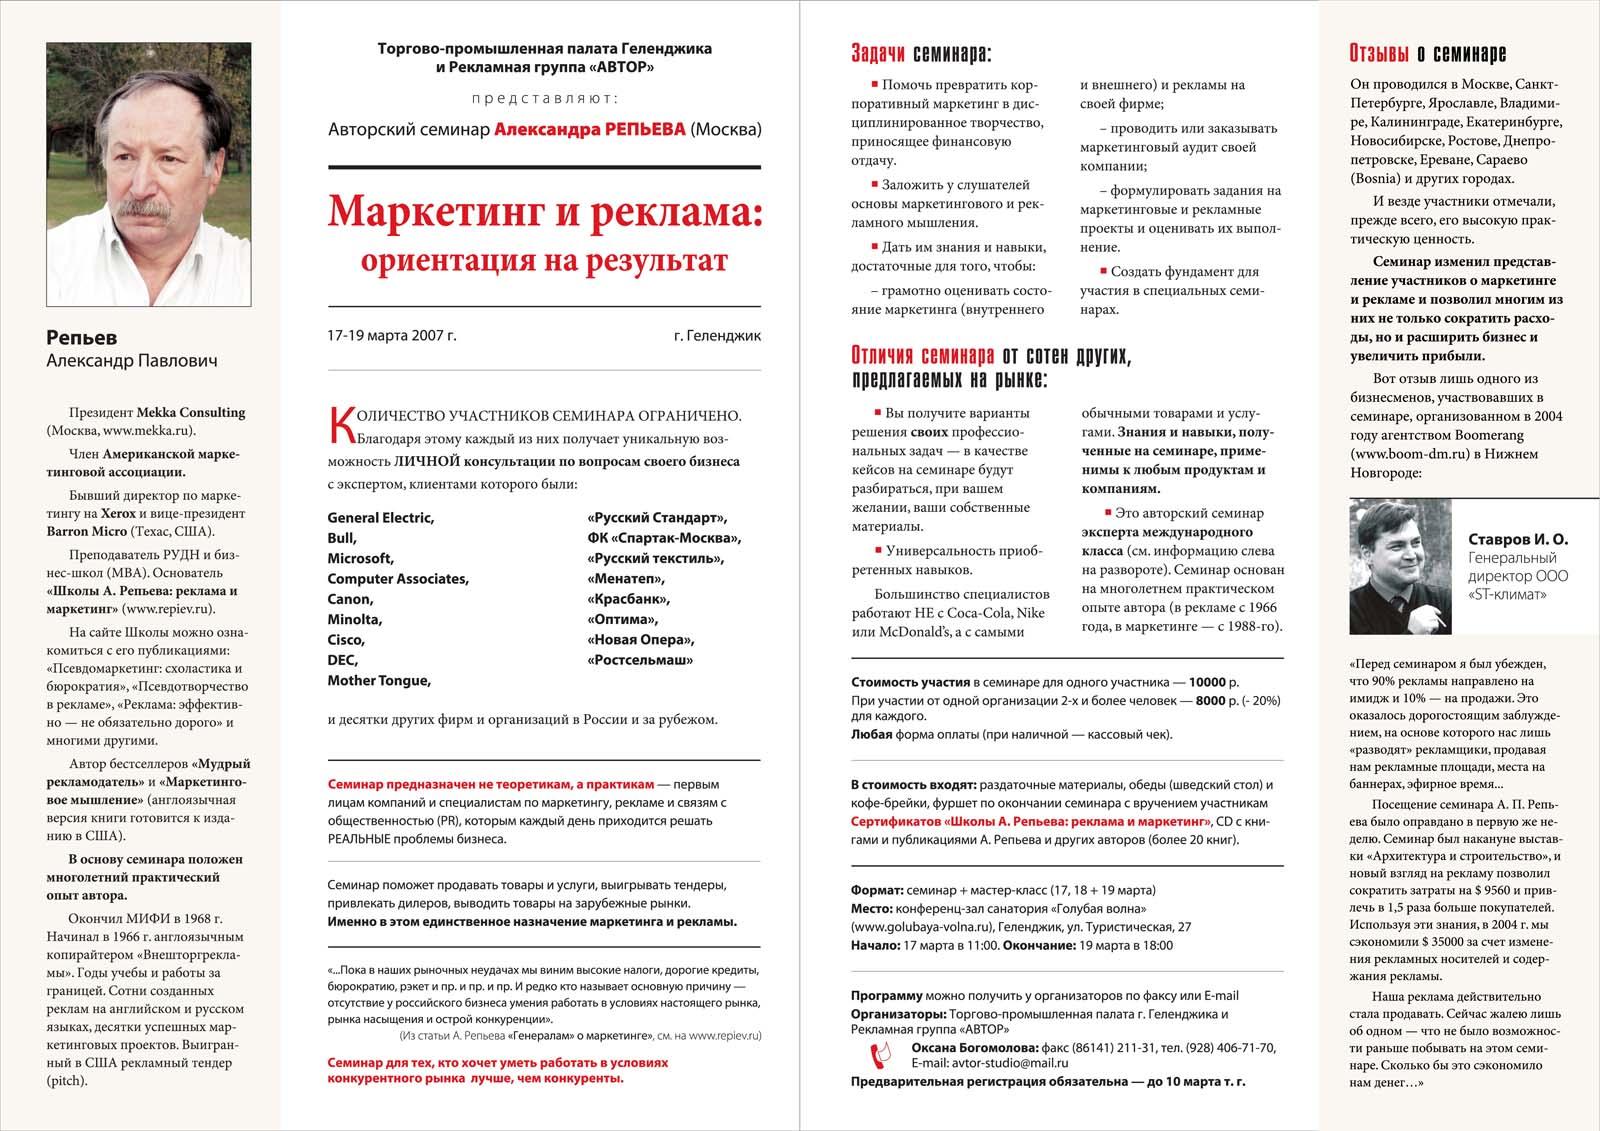 Печатная реклама, Денис Богомолов, семинар Репьева